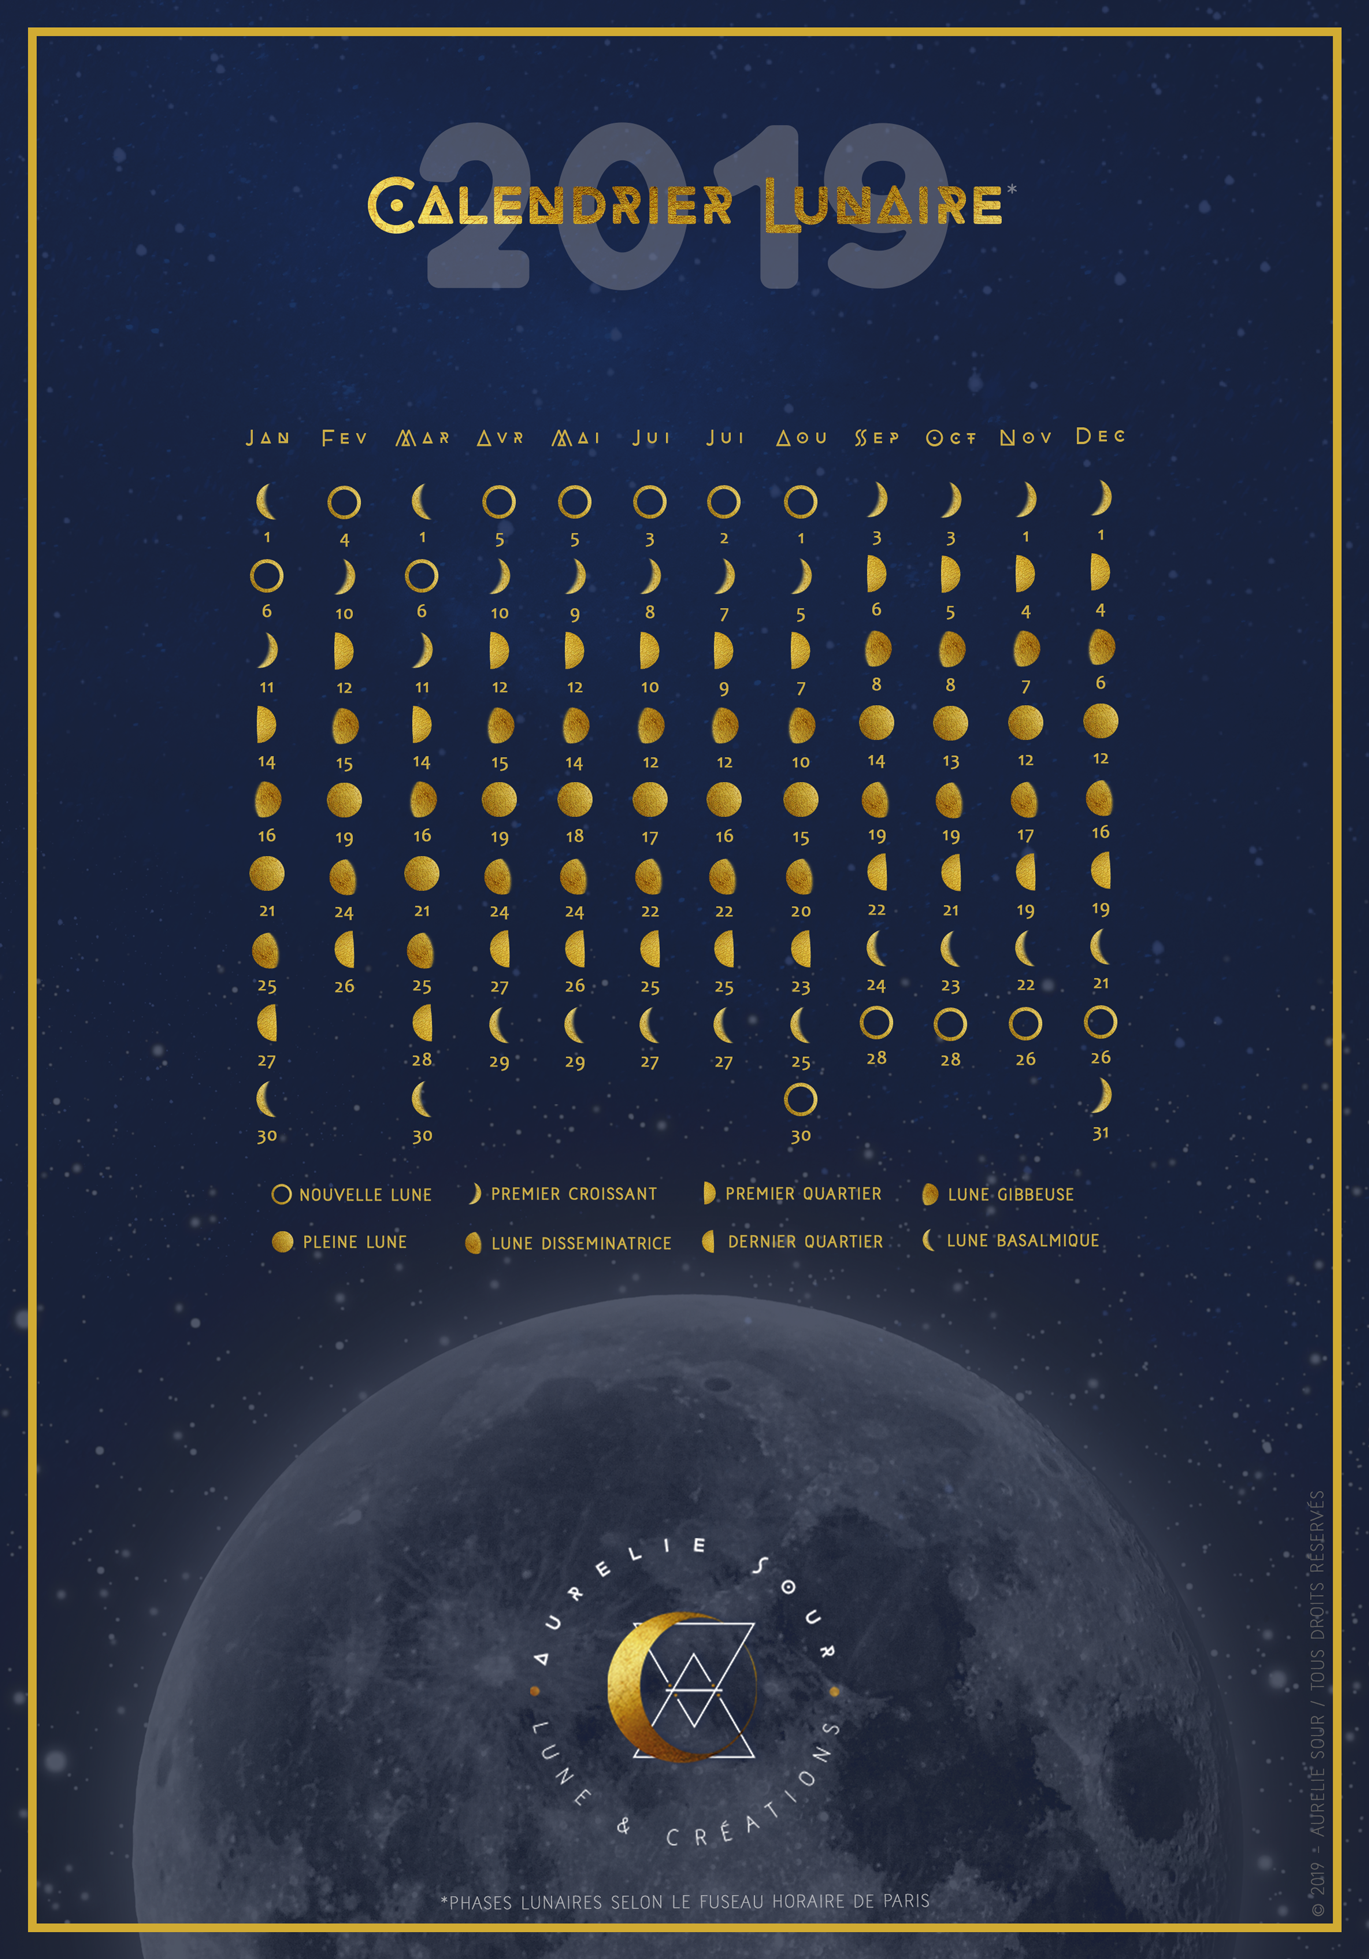 Calendrier lunaire 2019 - Retrouvez les 8 phases de lune